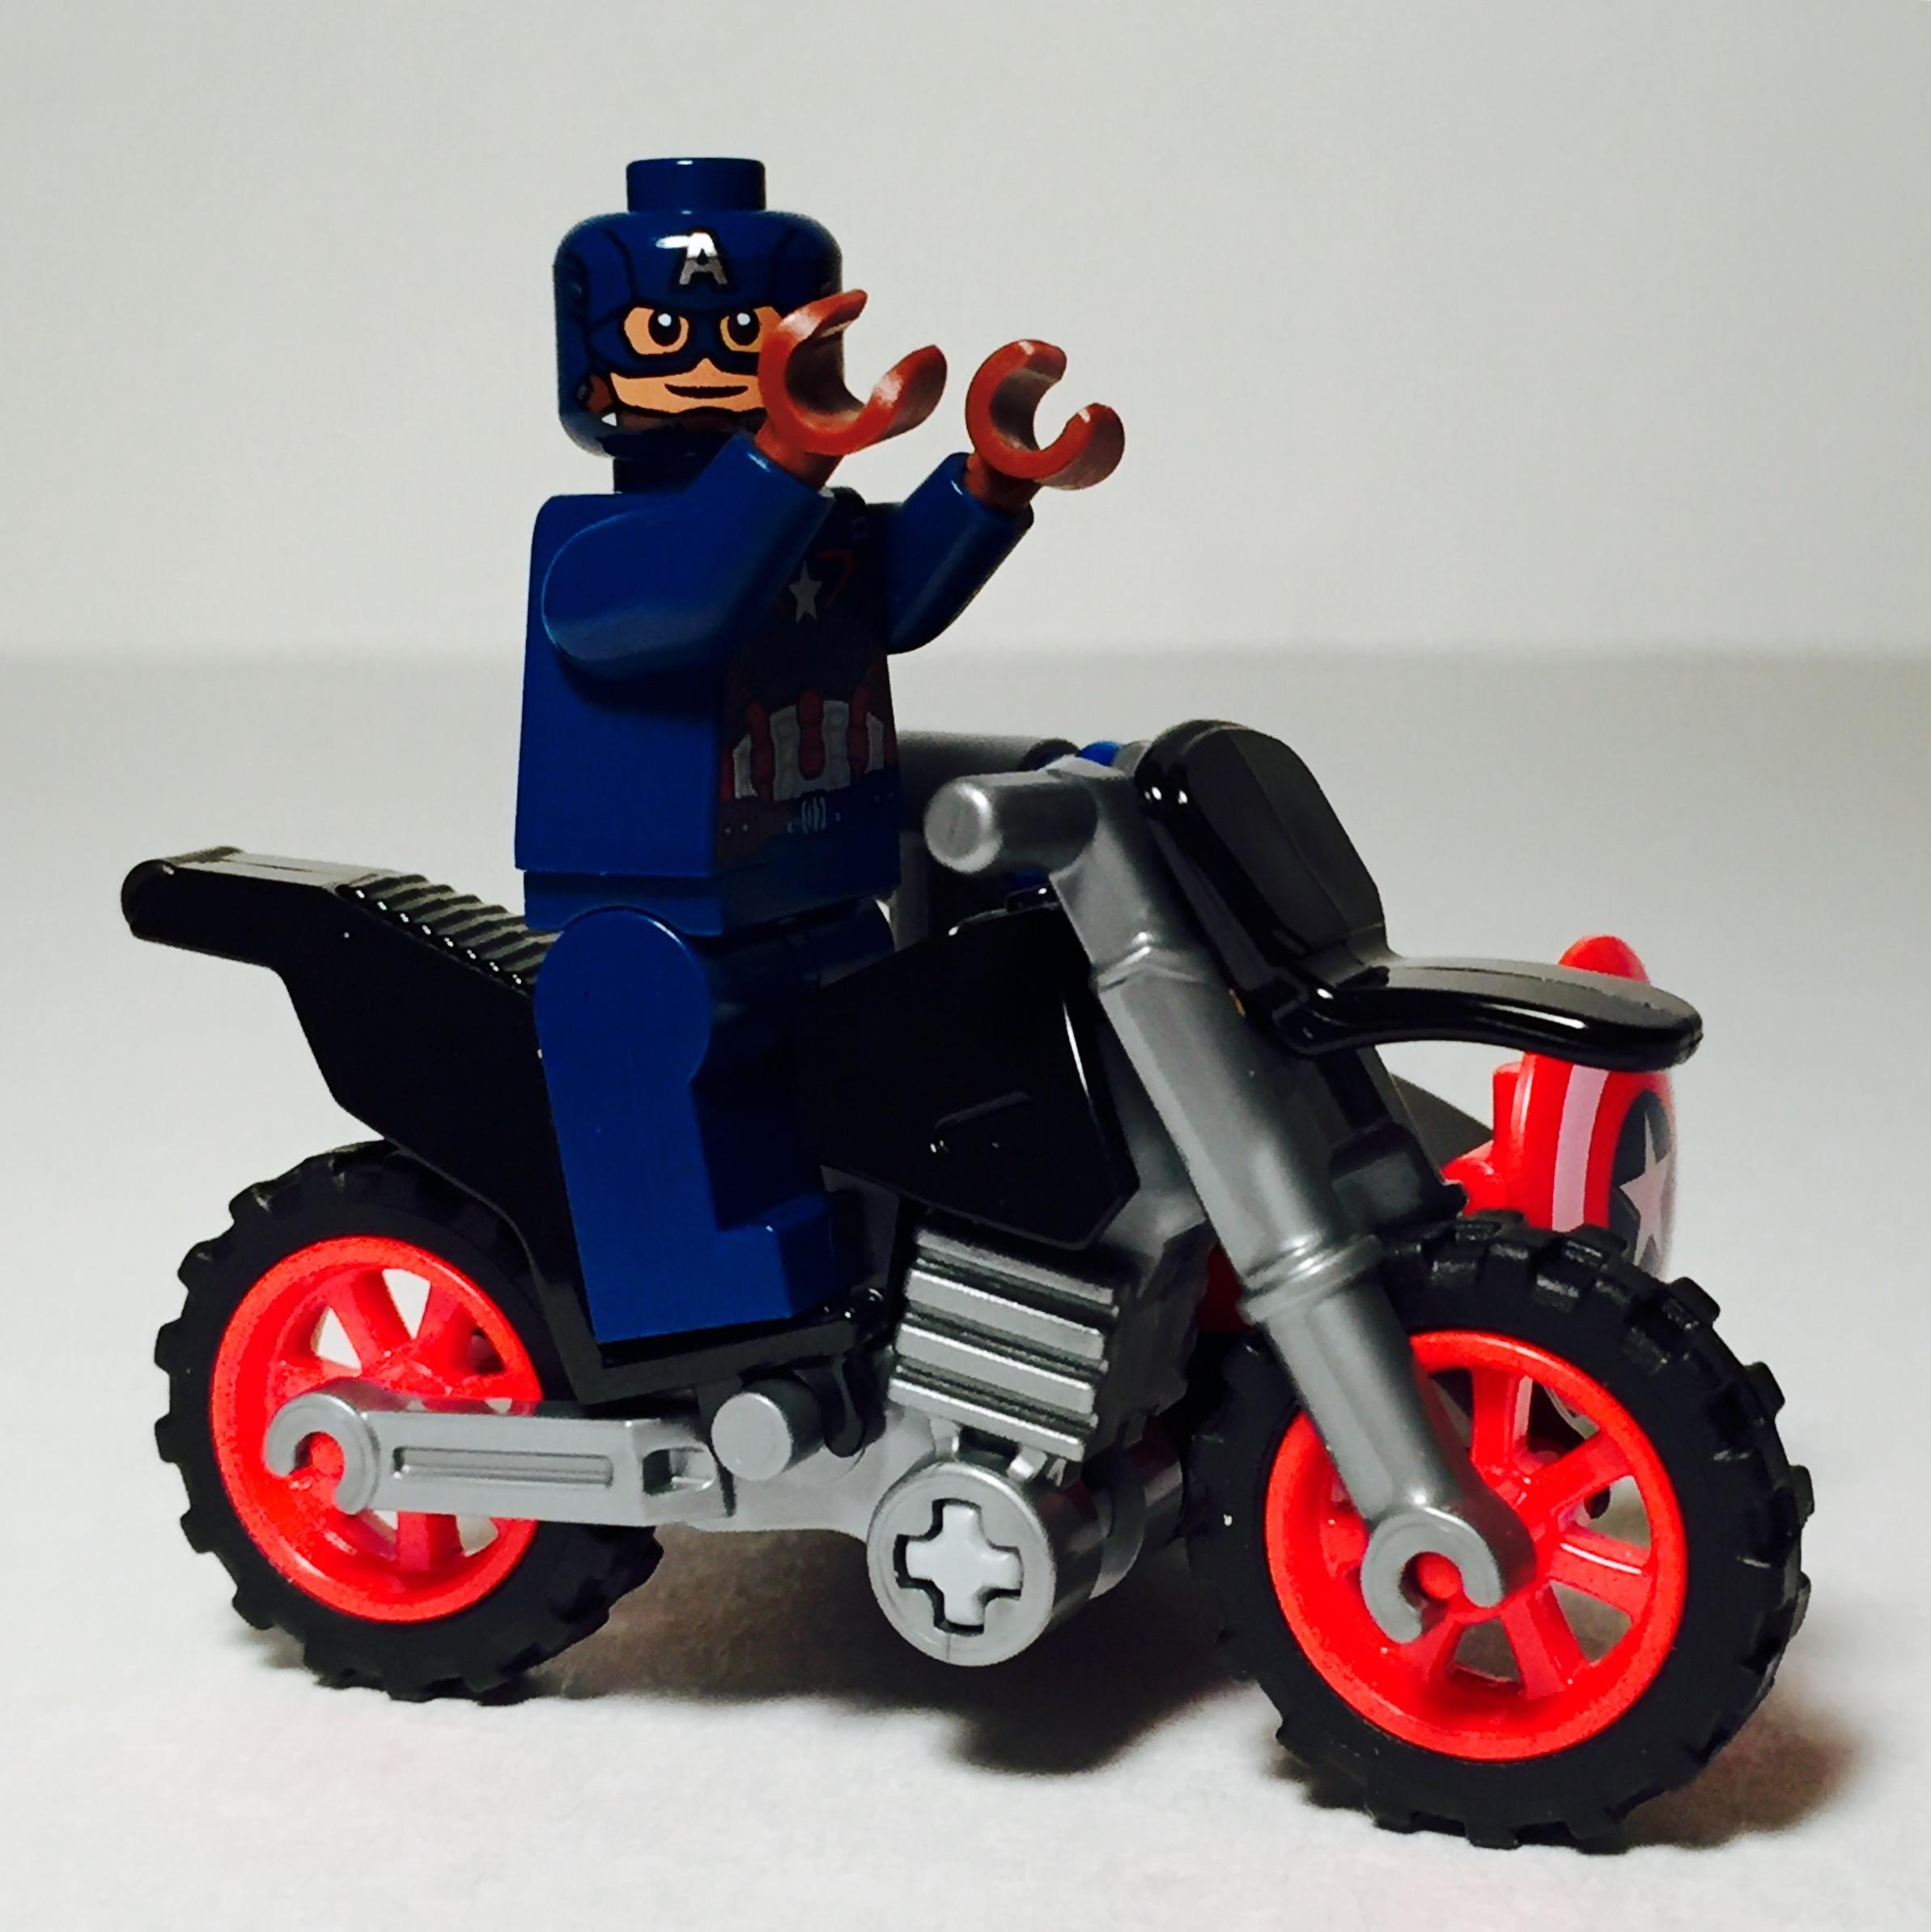 Captain America's Motorcycle 4.jpg